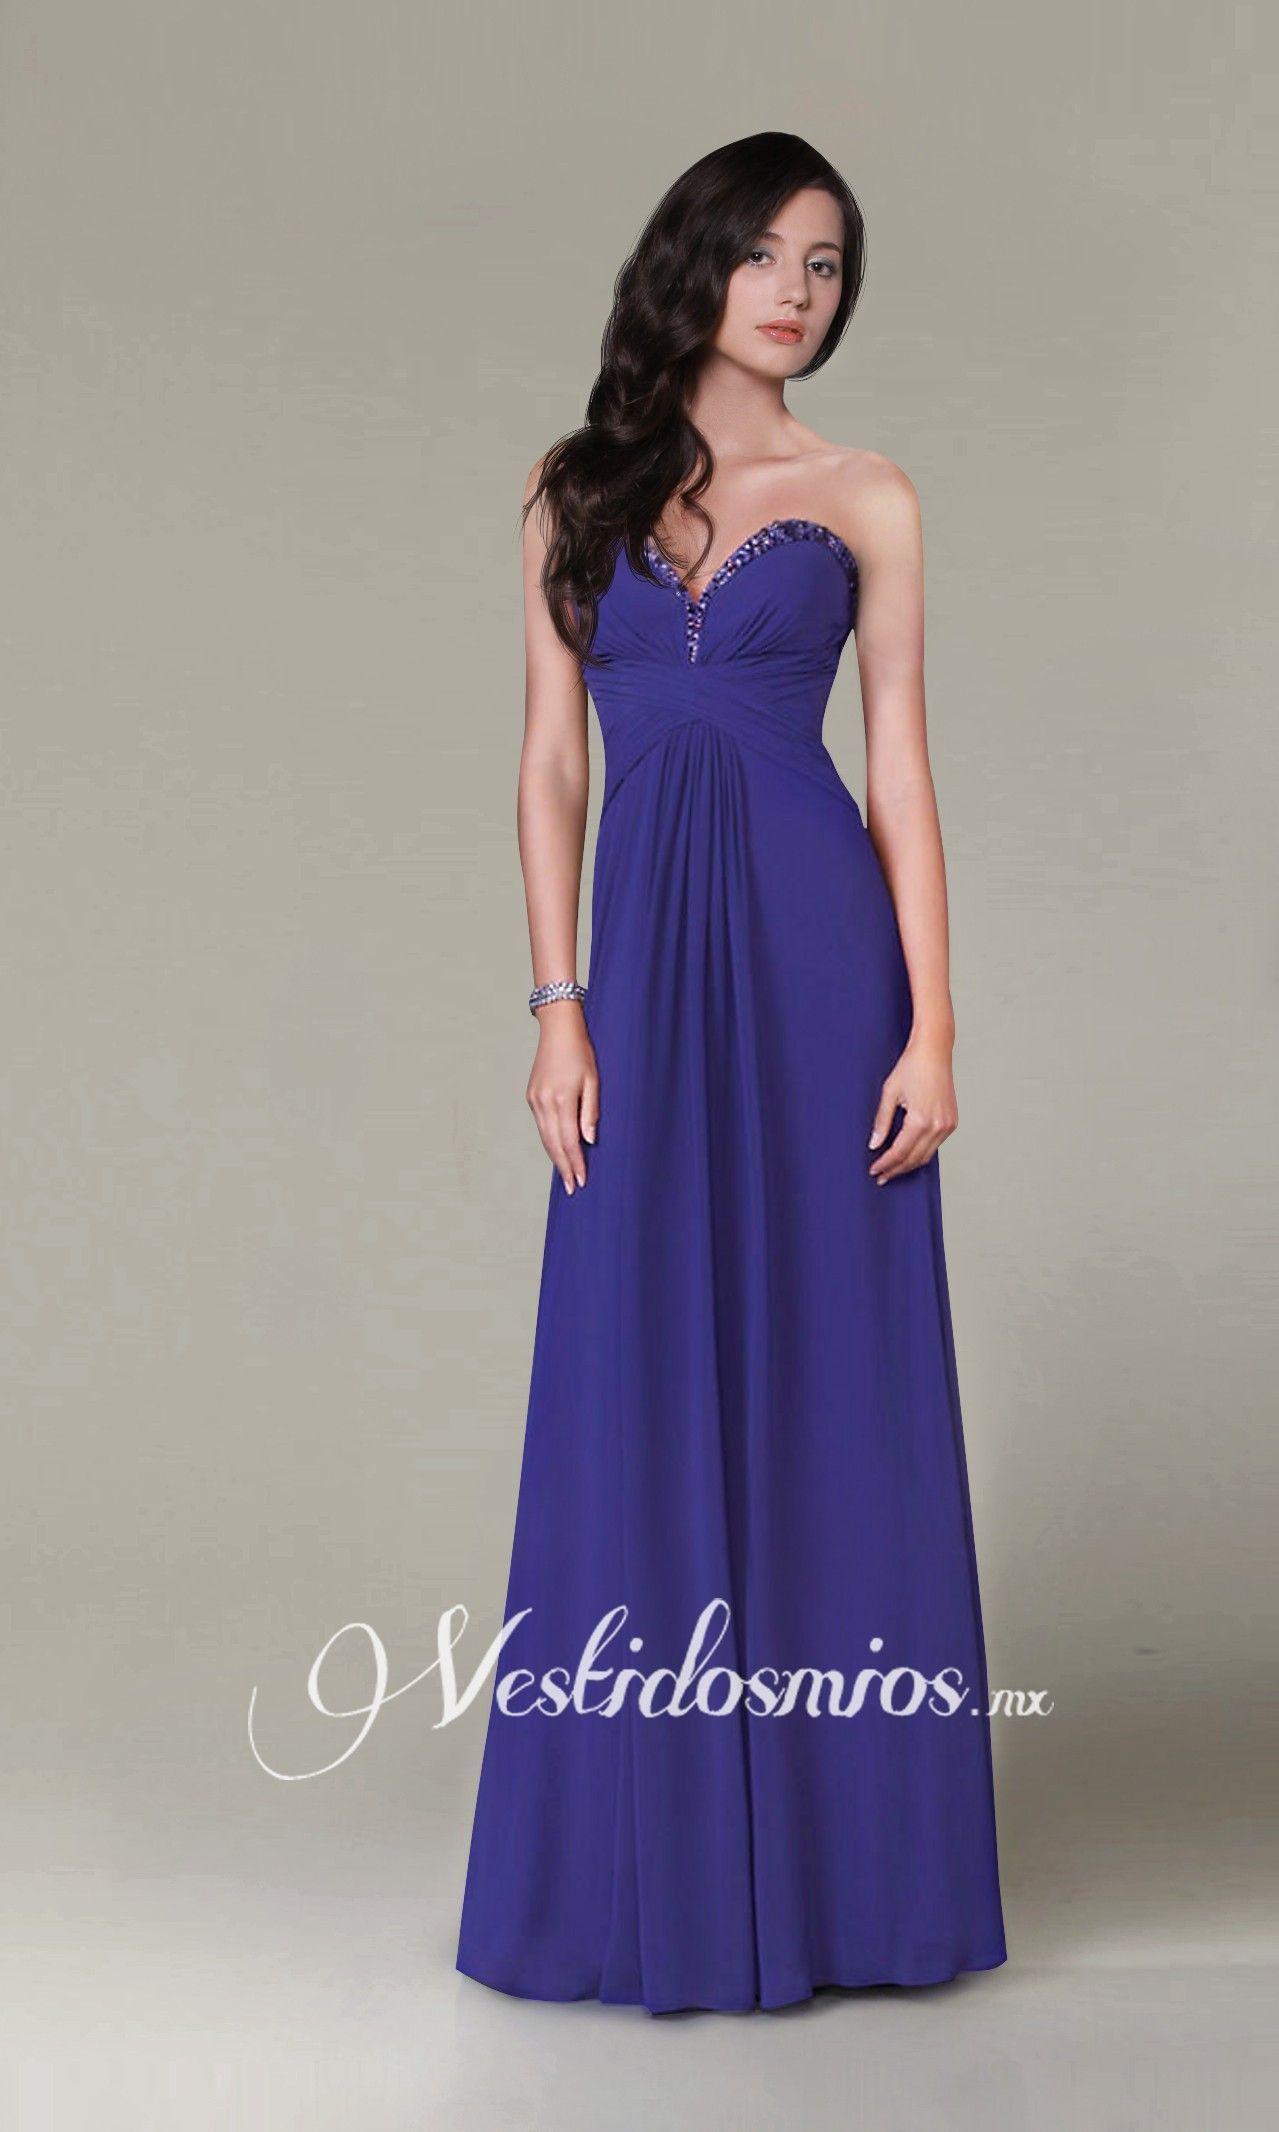 Escote Corazon Vestido Largo | Vestidos | Pinterest | Vestiditos ...